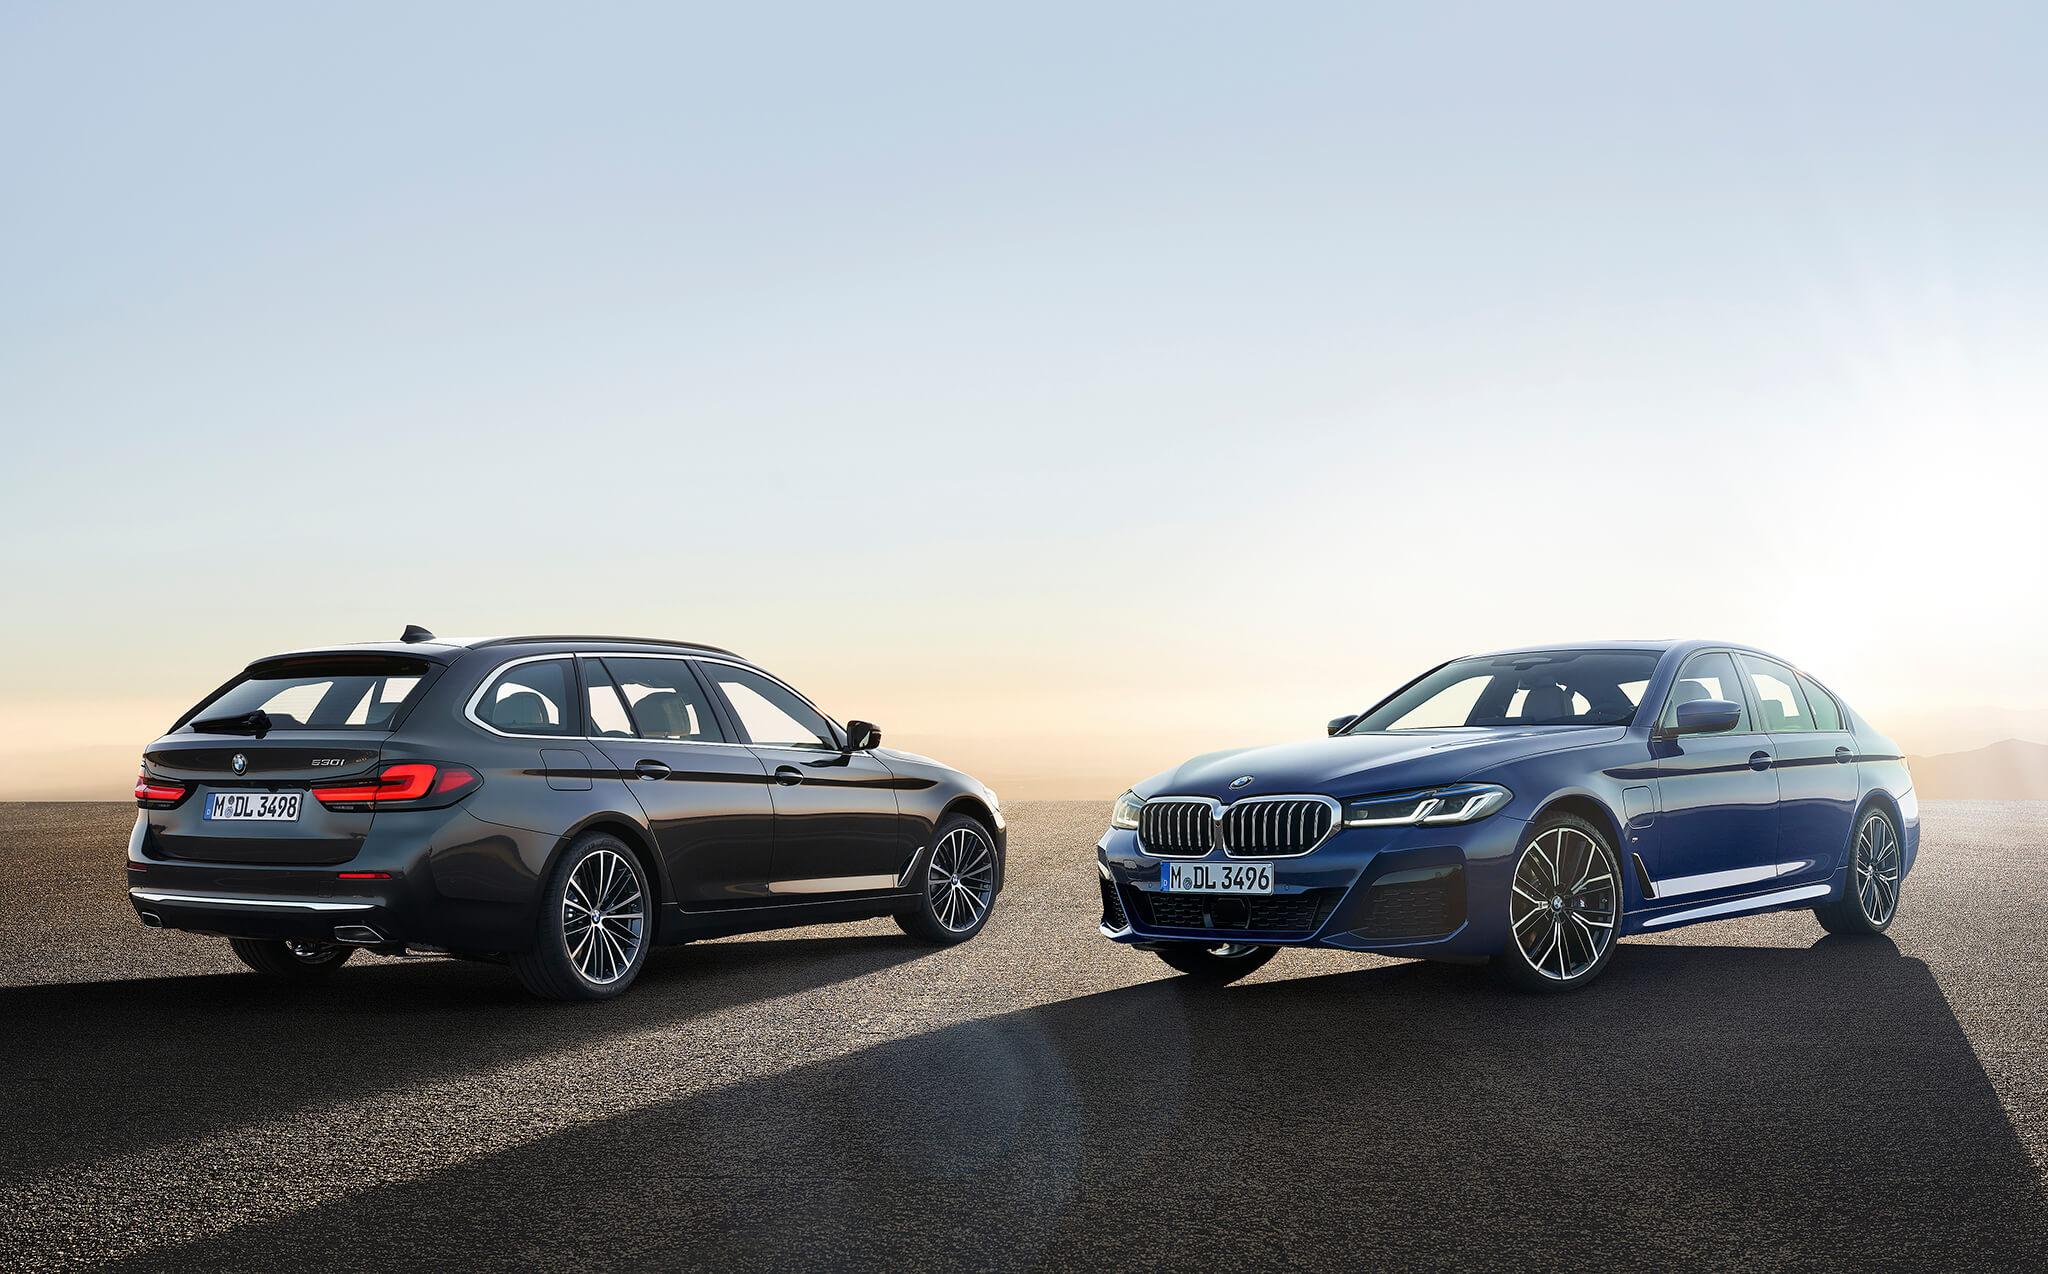 BMW Série 5 e BMW Série 5 Touring